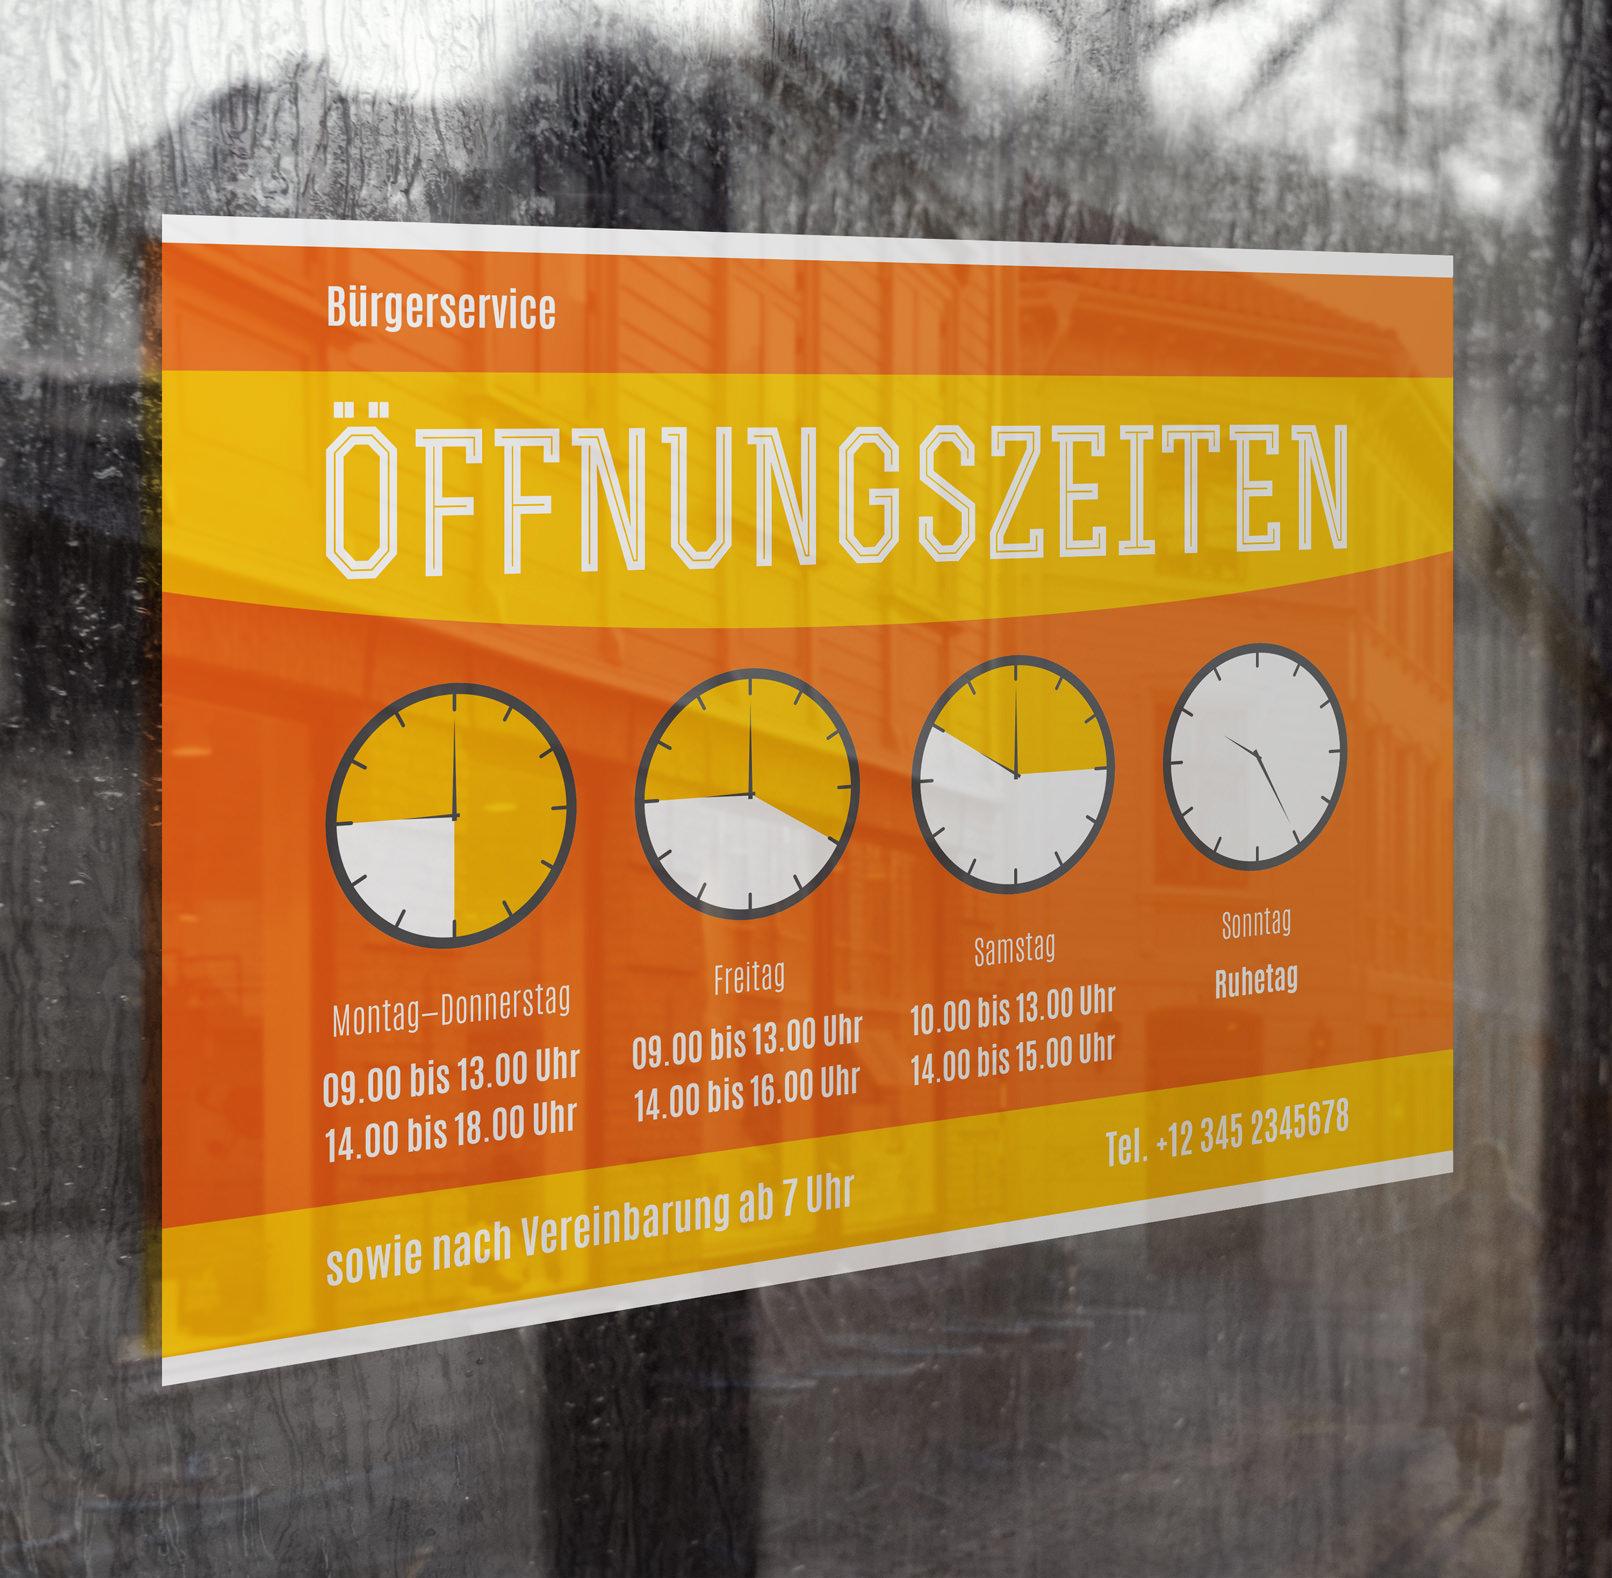 Vorlage für Öffnungszeiten-Schild und -Aushang im Querformat